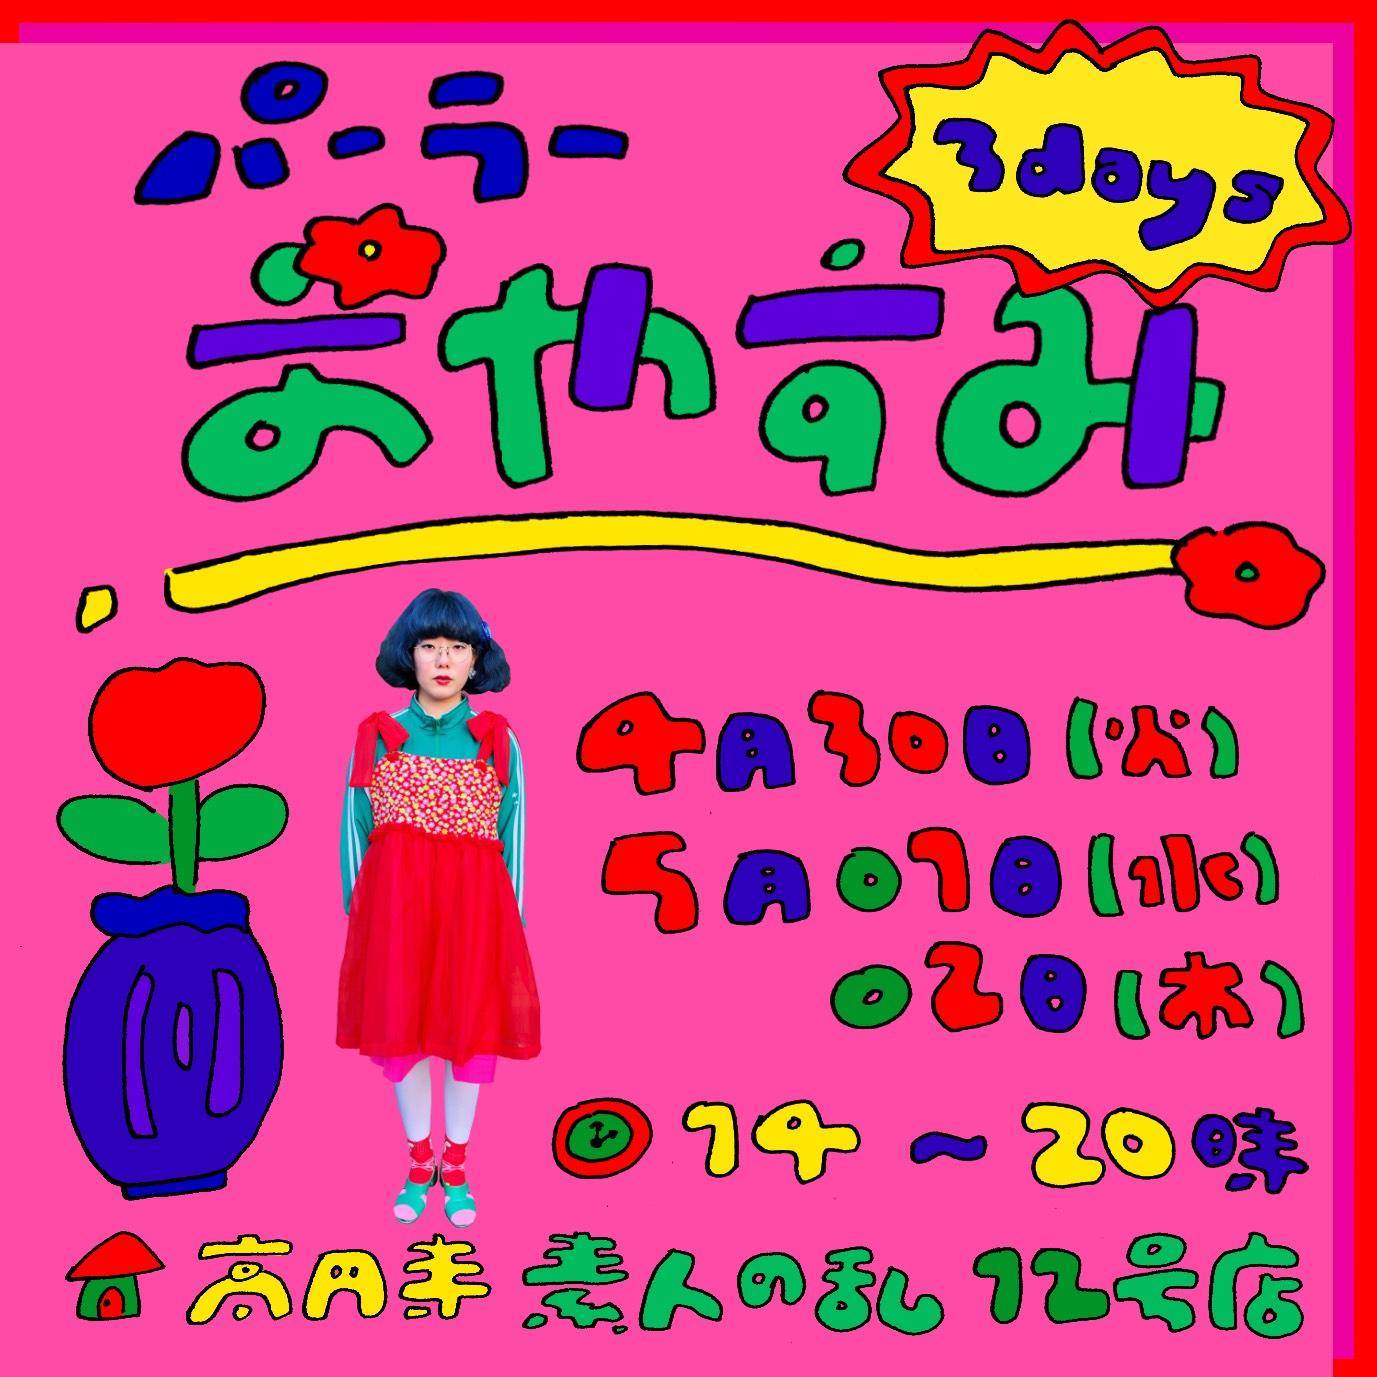 パーラーおやすみ @ 素人の乱12号店 | 杉並区 | 東京都 | 日本